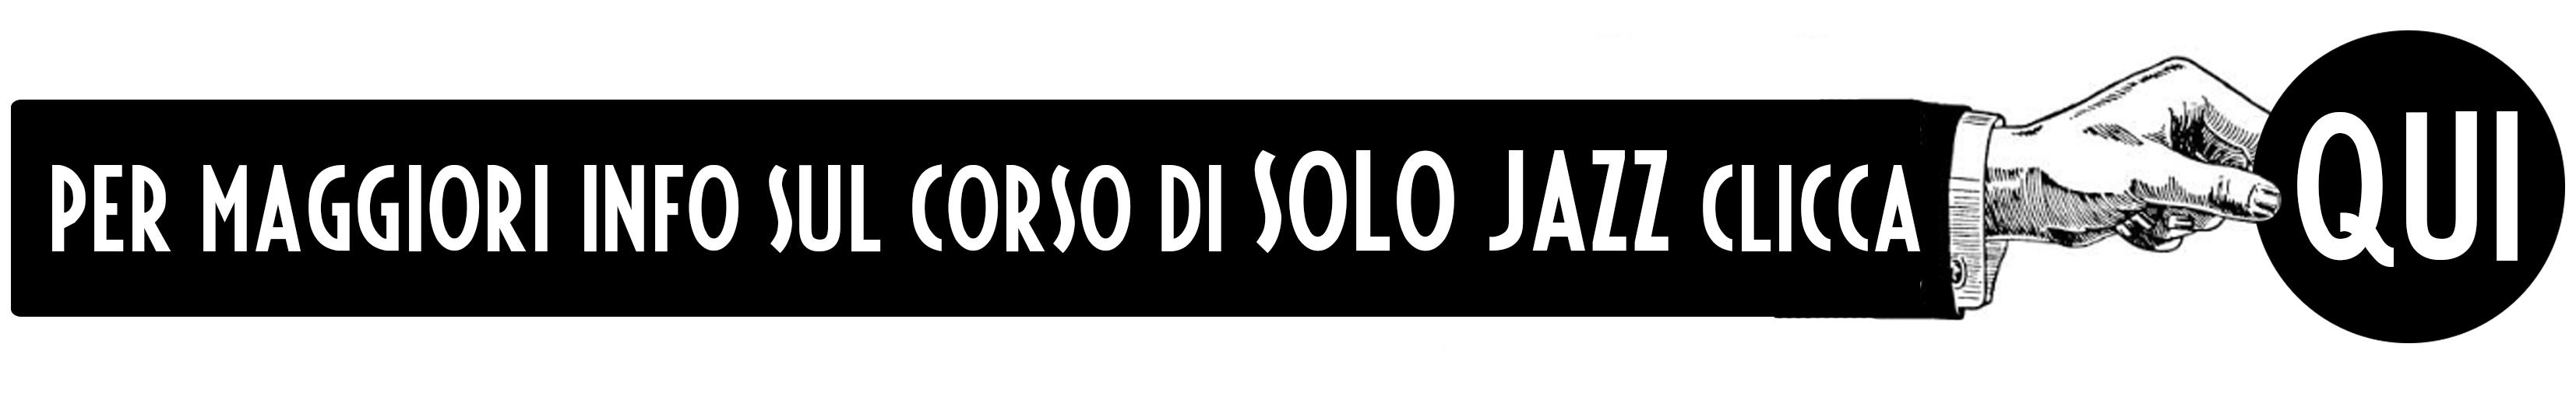 Corsi-info SOLO